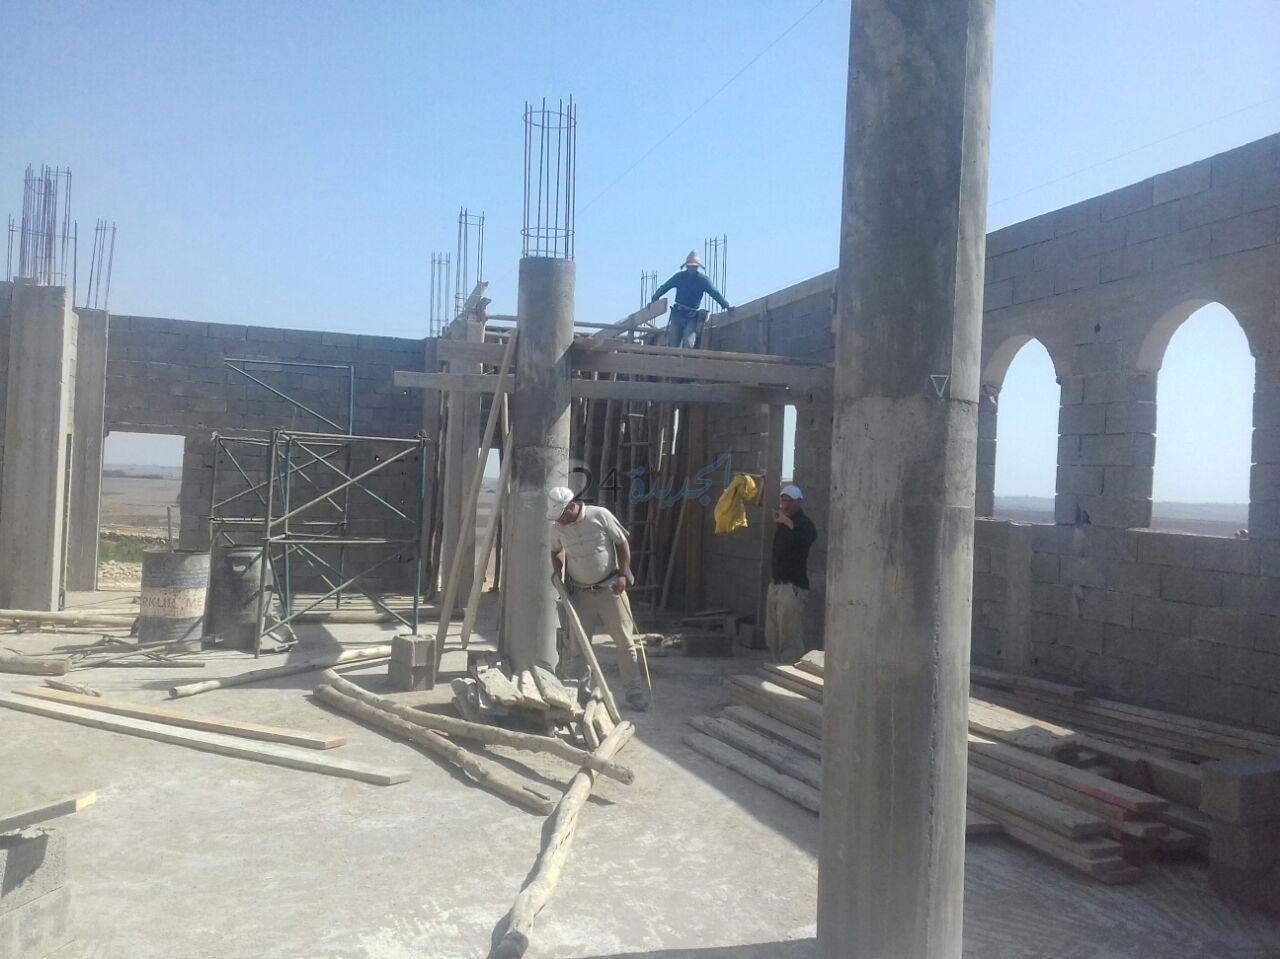 نداء للمحسنين: طلب مساعدة لإستكمال بناء مسجد بجماعة اولاد رحمون